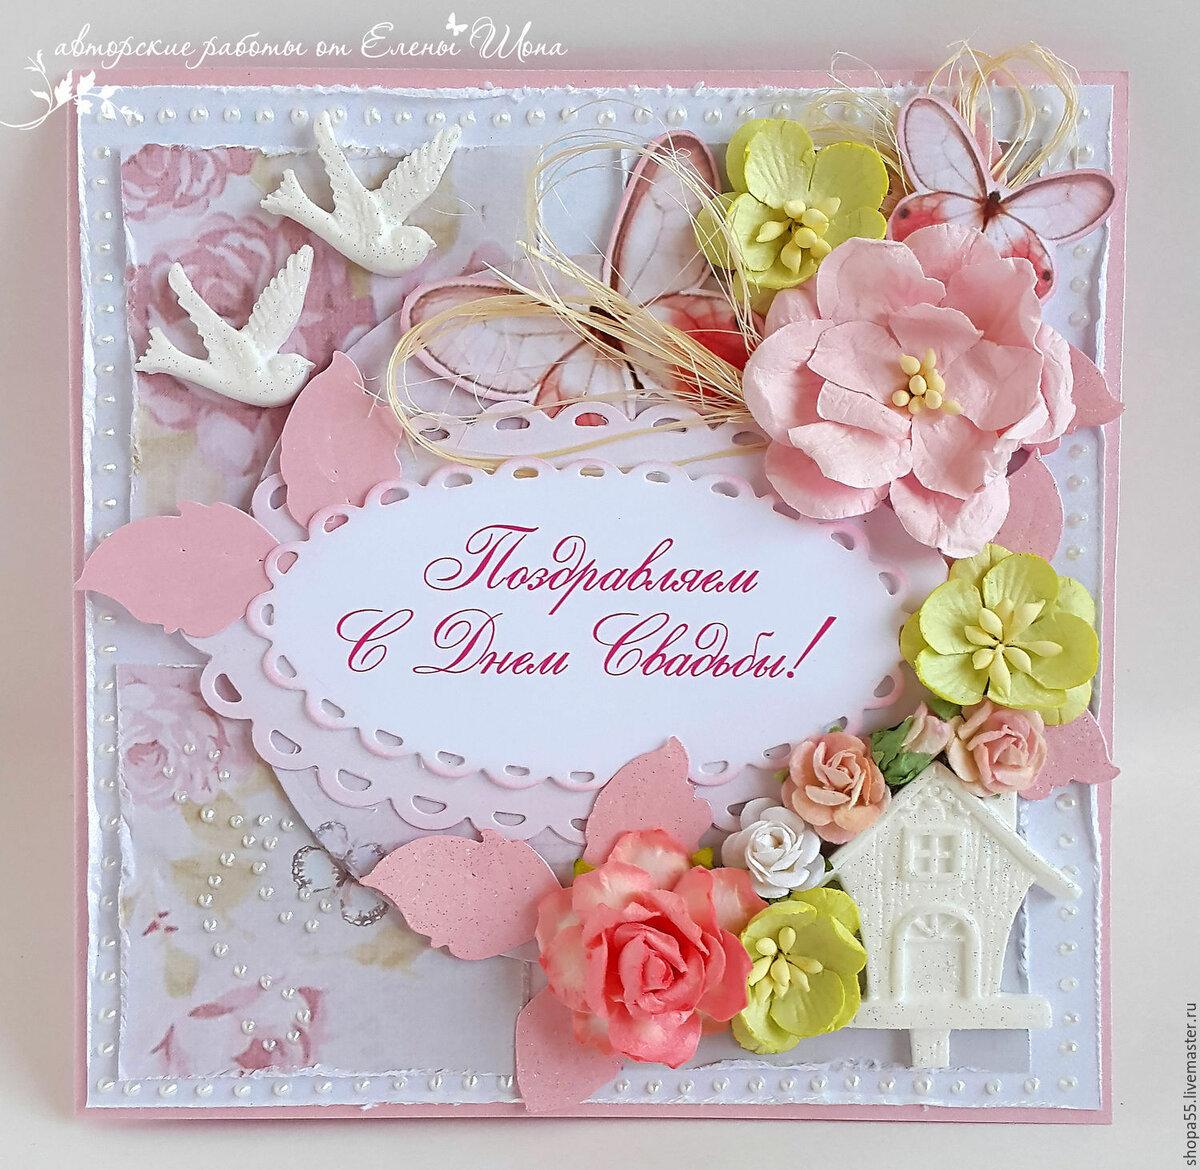 Эксклюзивные открытки с днем свадьбы, дедушка